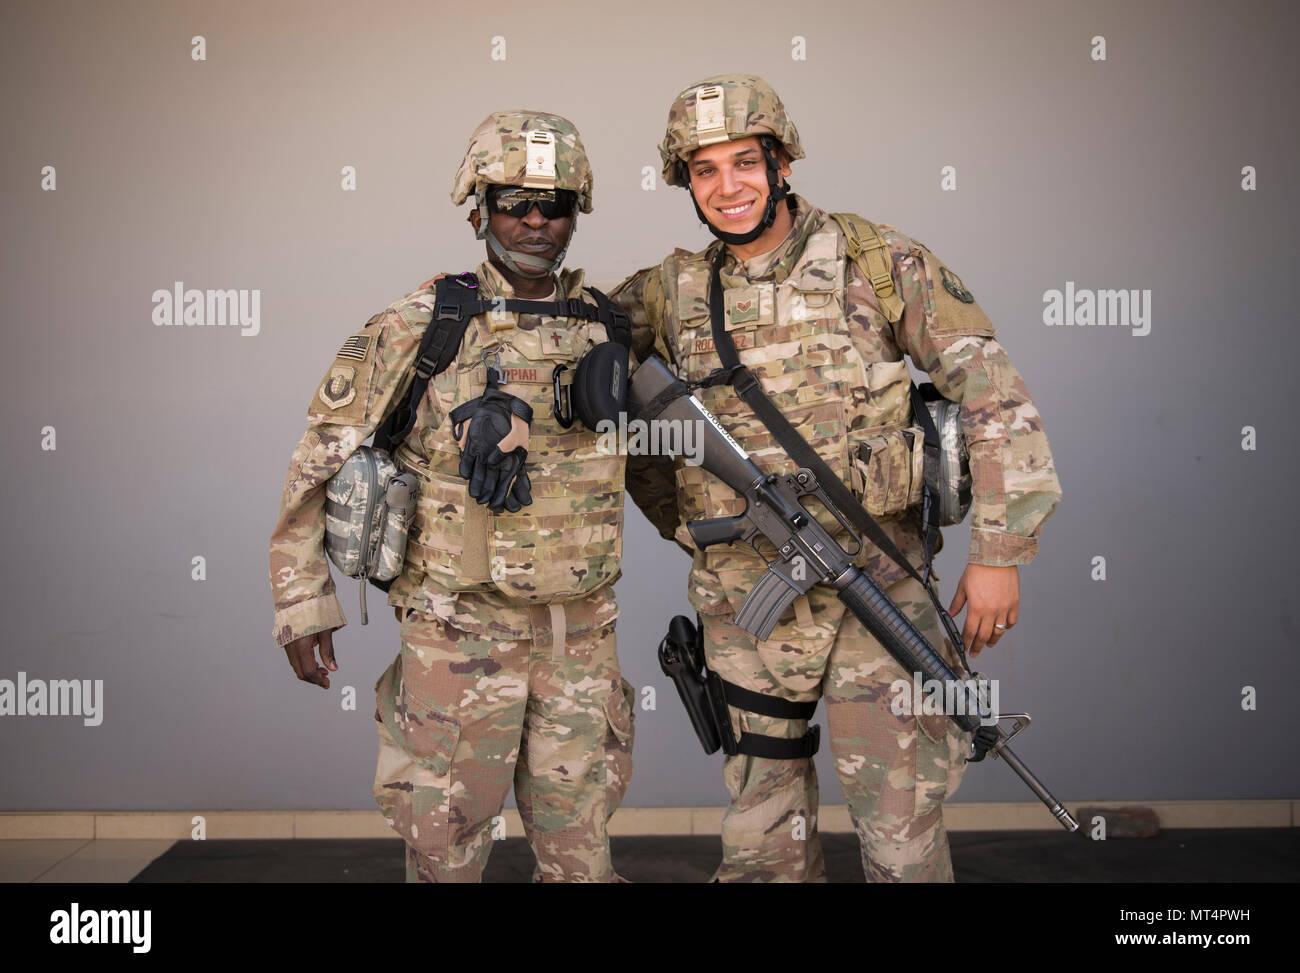 Aumônier (Capt) John Appiah et le sergent. Christopher Rodriguez, 455 e Escadre expéditionnaire aérienne, se préparer à quitter Hamid Karzai, l'aéroport international de Kaboul, le 23 juillet 2017. Étant donné que les aumôniers sont des non-combattants, leurs assistants, si pas de formation des gardes du corps, s'occuper de la responsabilité de défendre leur aumônier si dans une situation hostile. (U.S. Photo de l'Armée de l'air par le sergent. Benjamin) Gonsier Banque D'Images